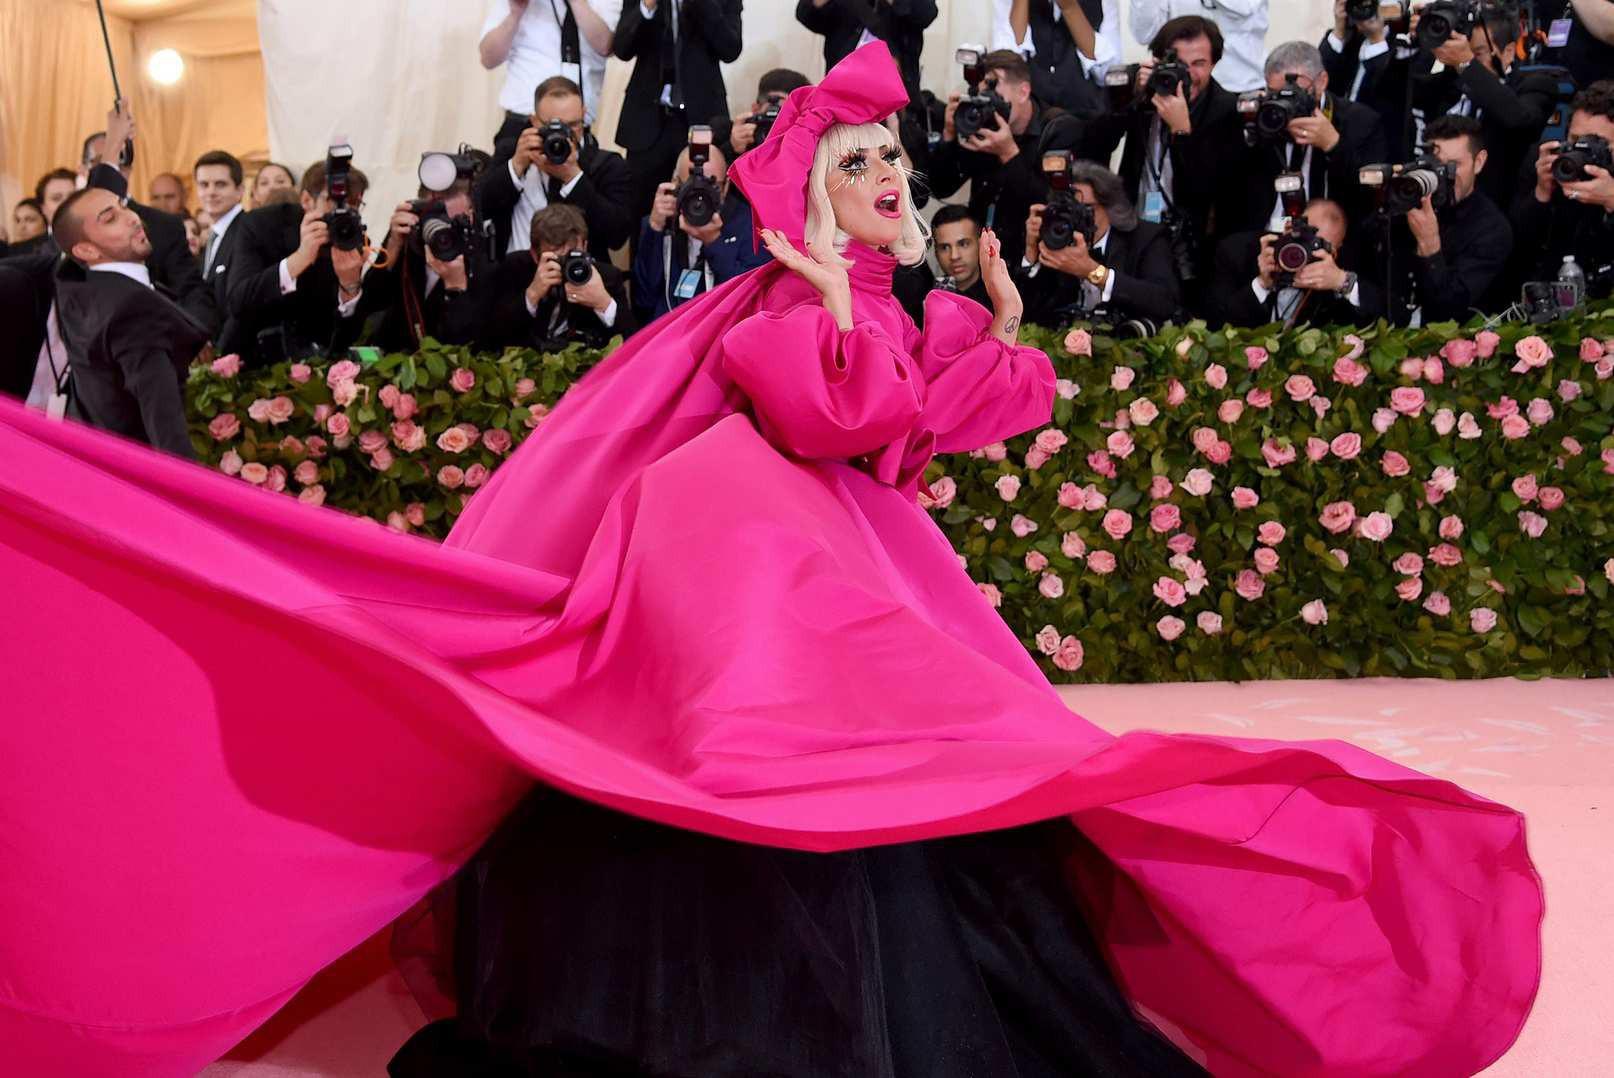 Tại Met Gala năm nay, bạn có nhìn thấy Lady Gaga trong bảng màu BLACKPINK in your area? - Ảnh 1.